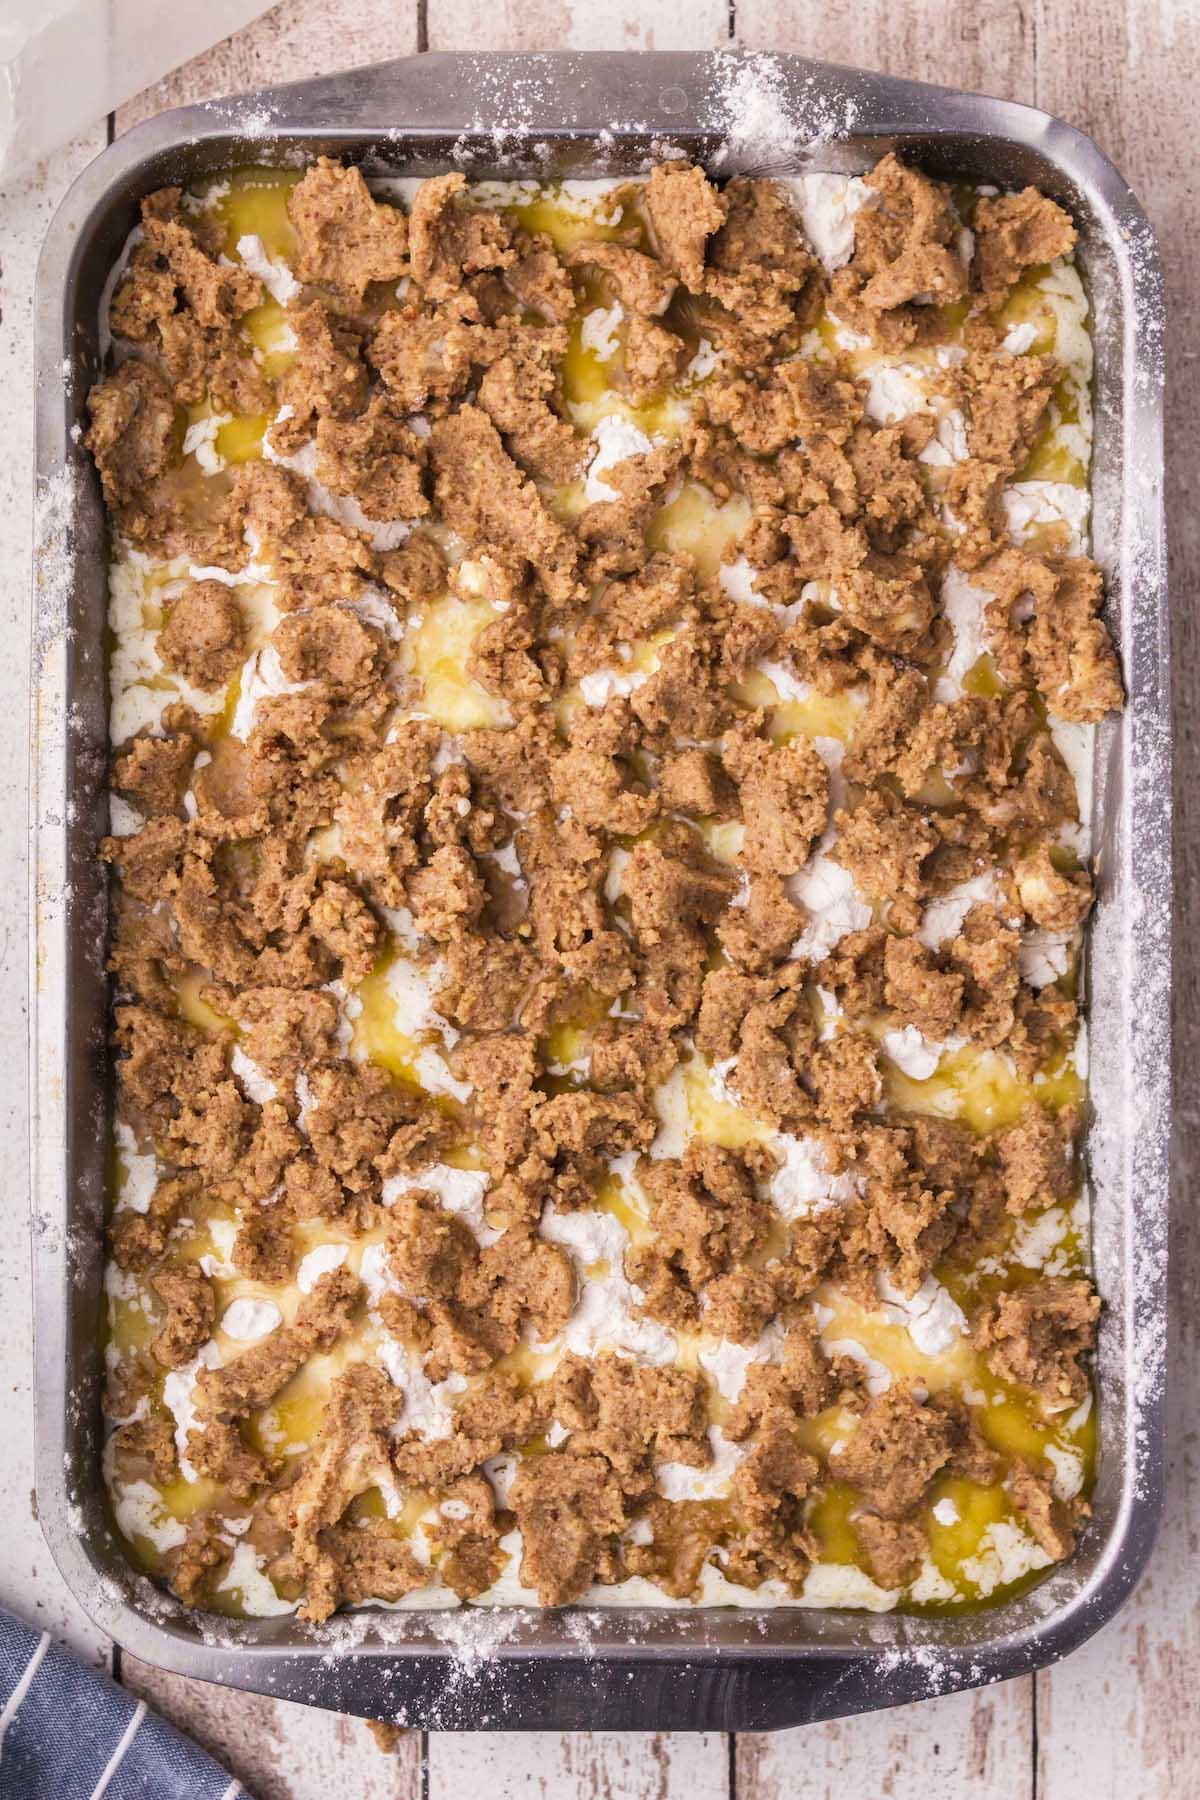 sprinkle the pecan mixture on top